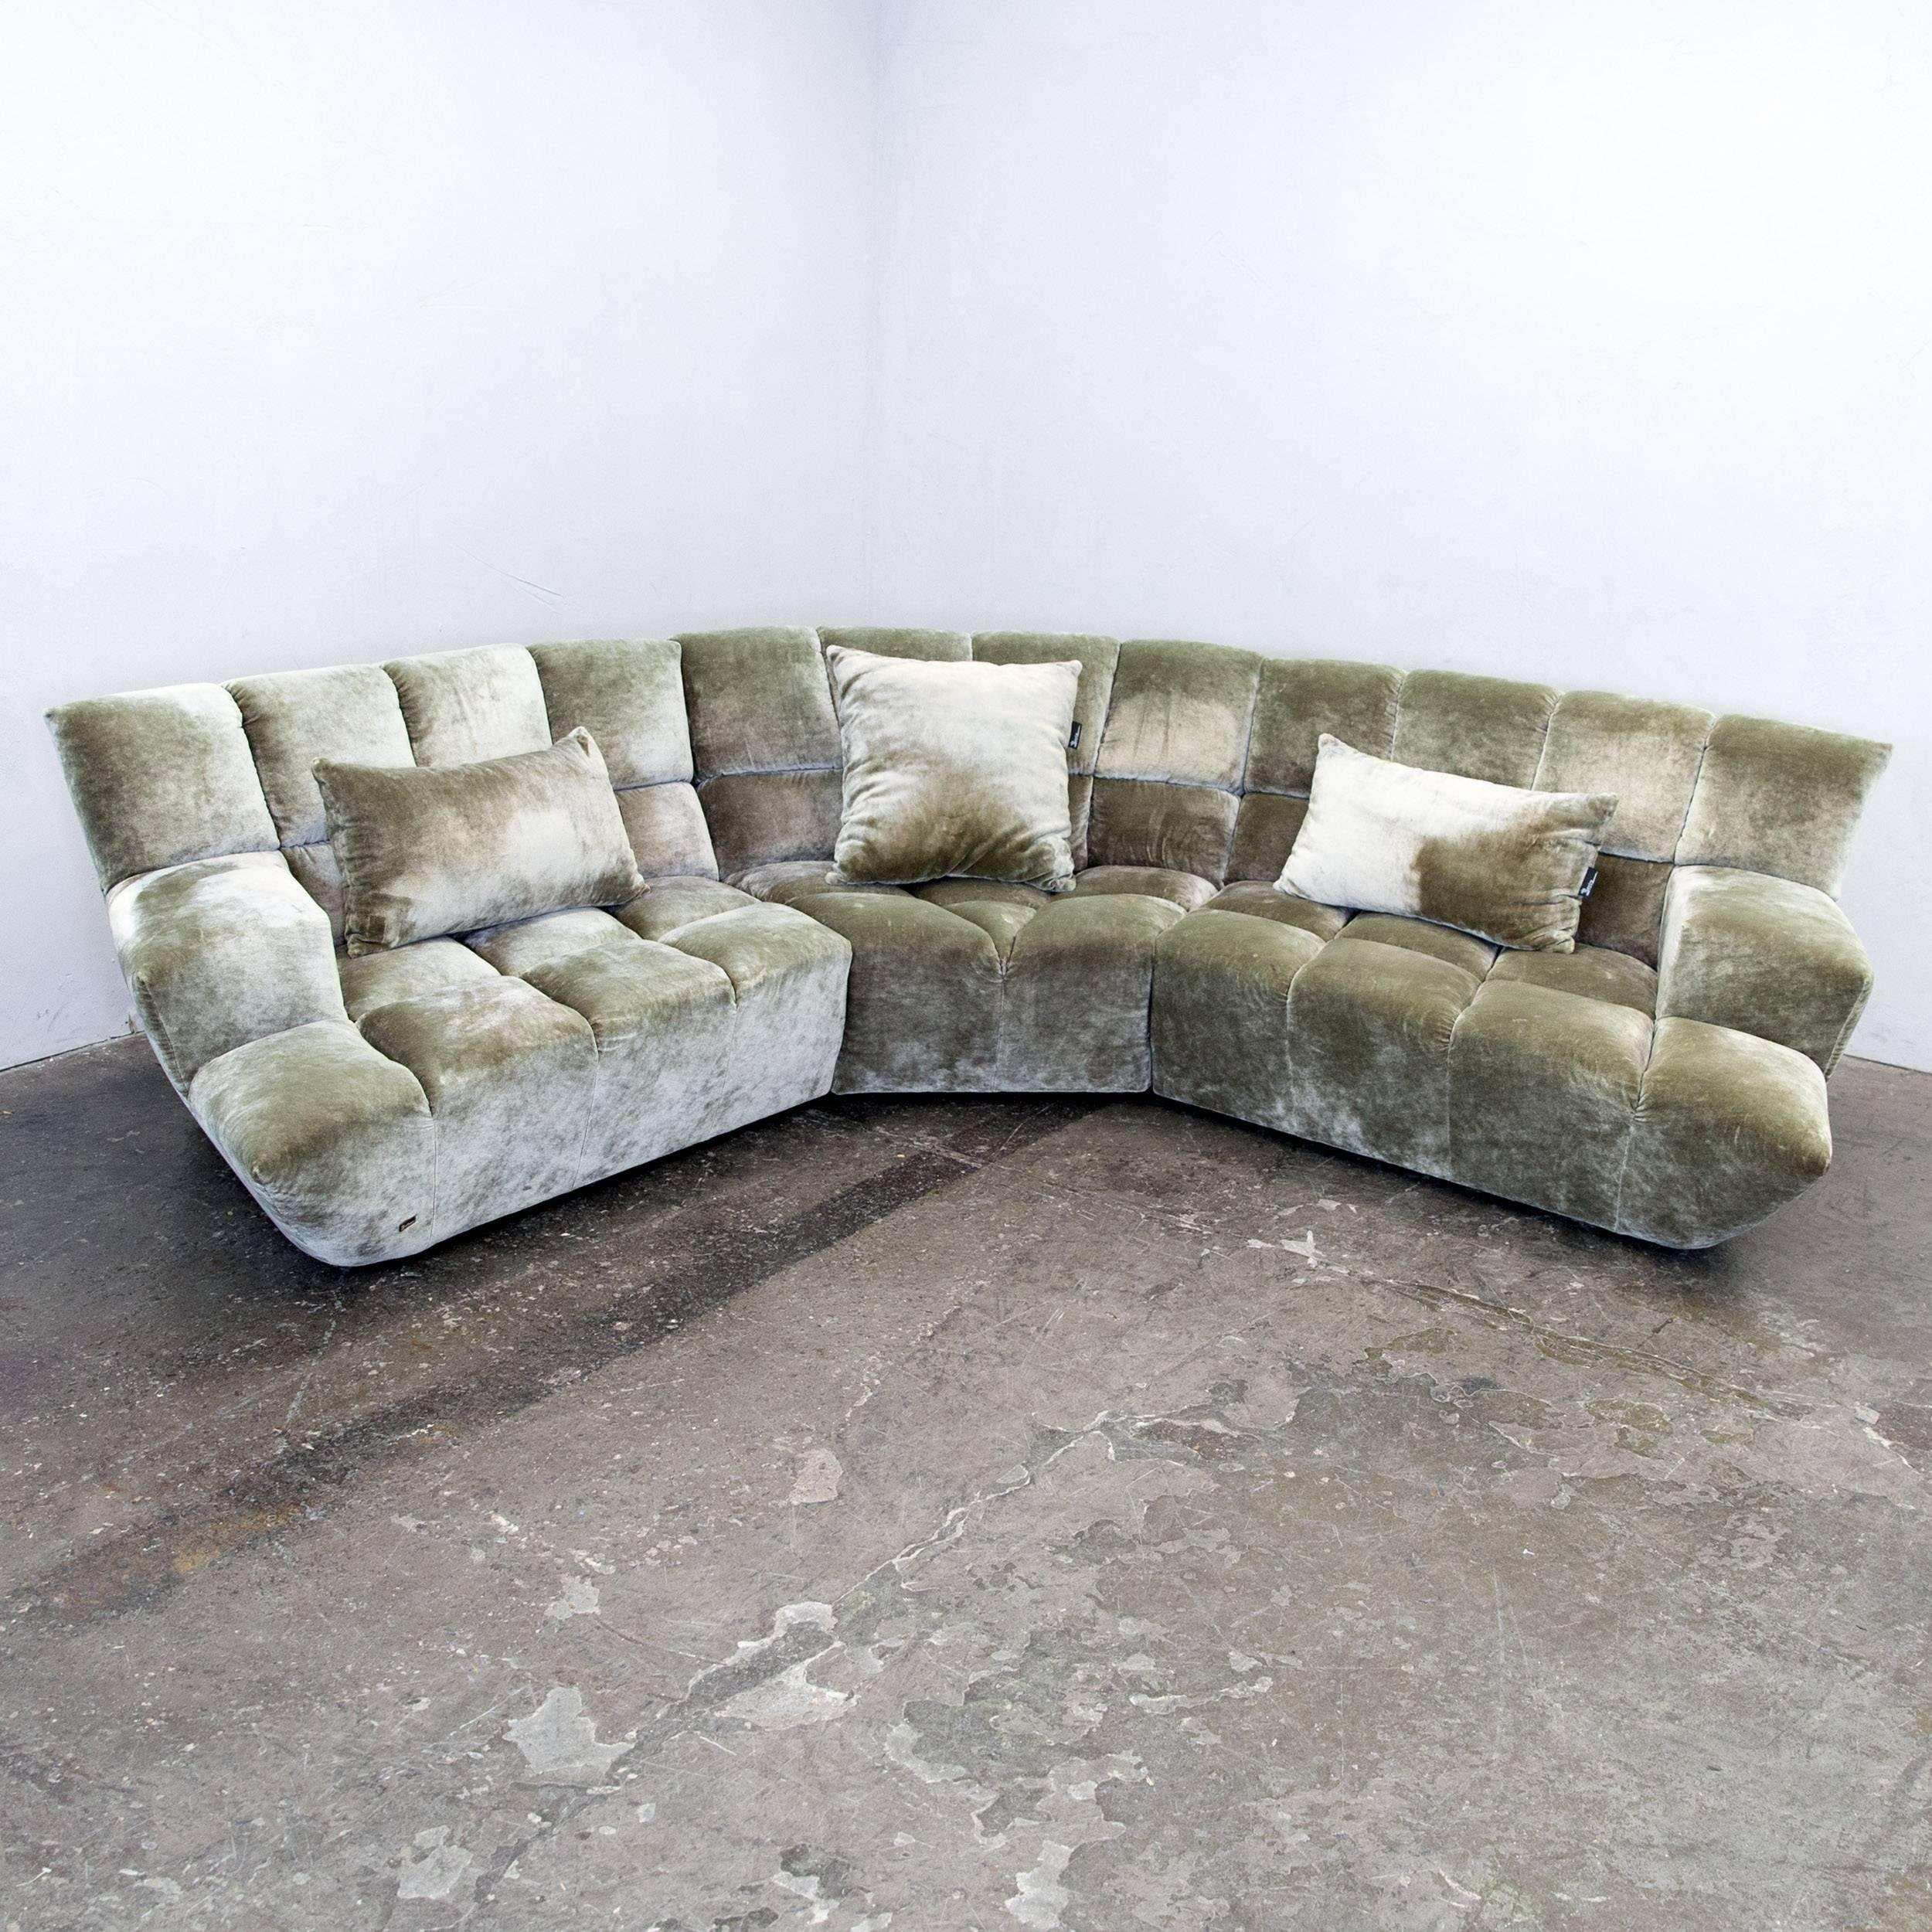 Full Size of Gnstig Sofa Kaufen Inspirierend Modern Parsvending Online Günstige Betten 140x200 Küche Günstig Machalke Barock Mit Elektrischer Sitztiefenverstellung Sofa Günstig Sofa Kaufen